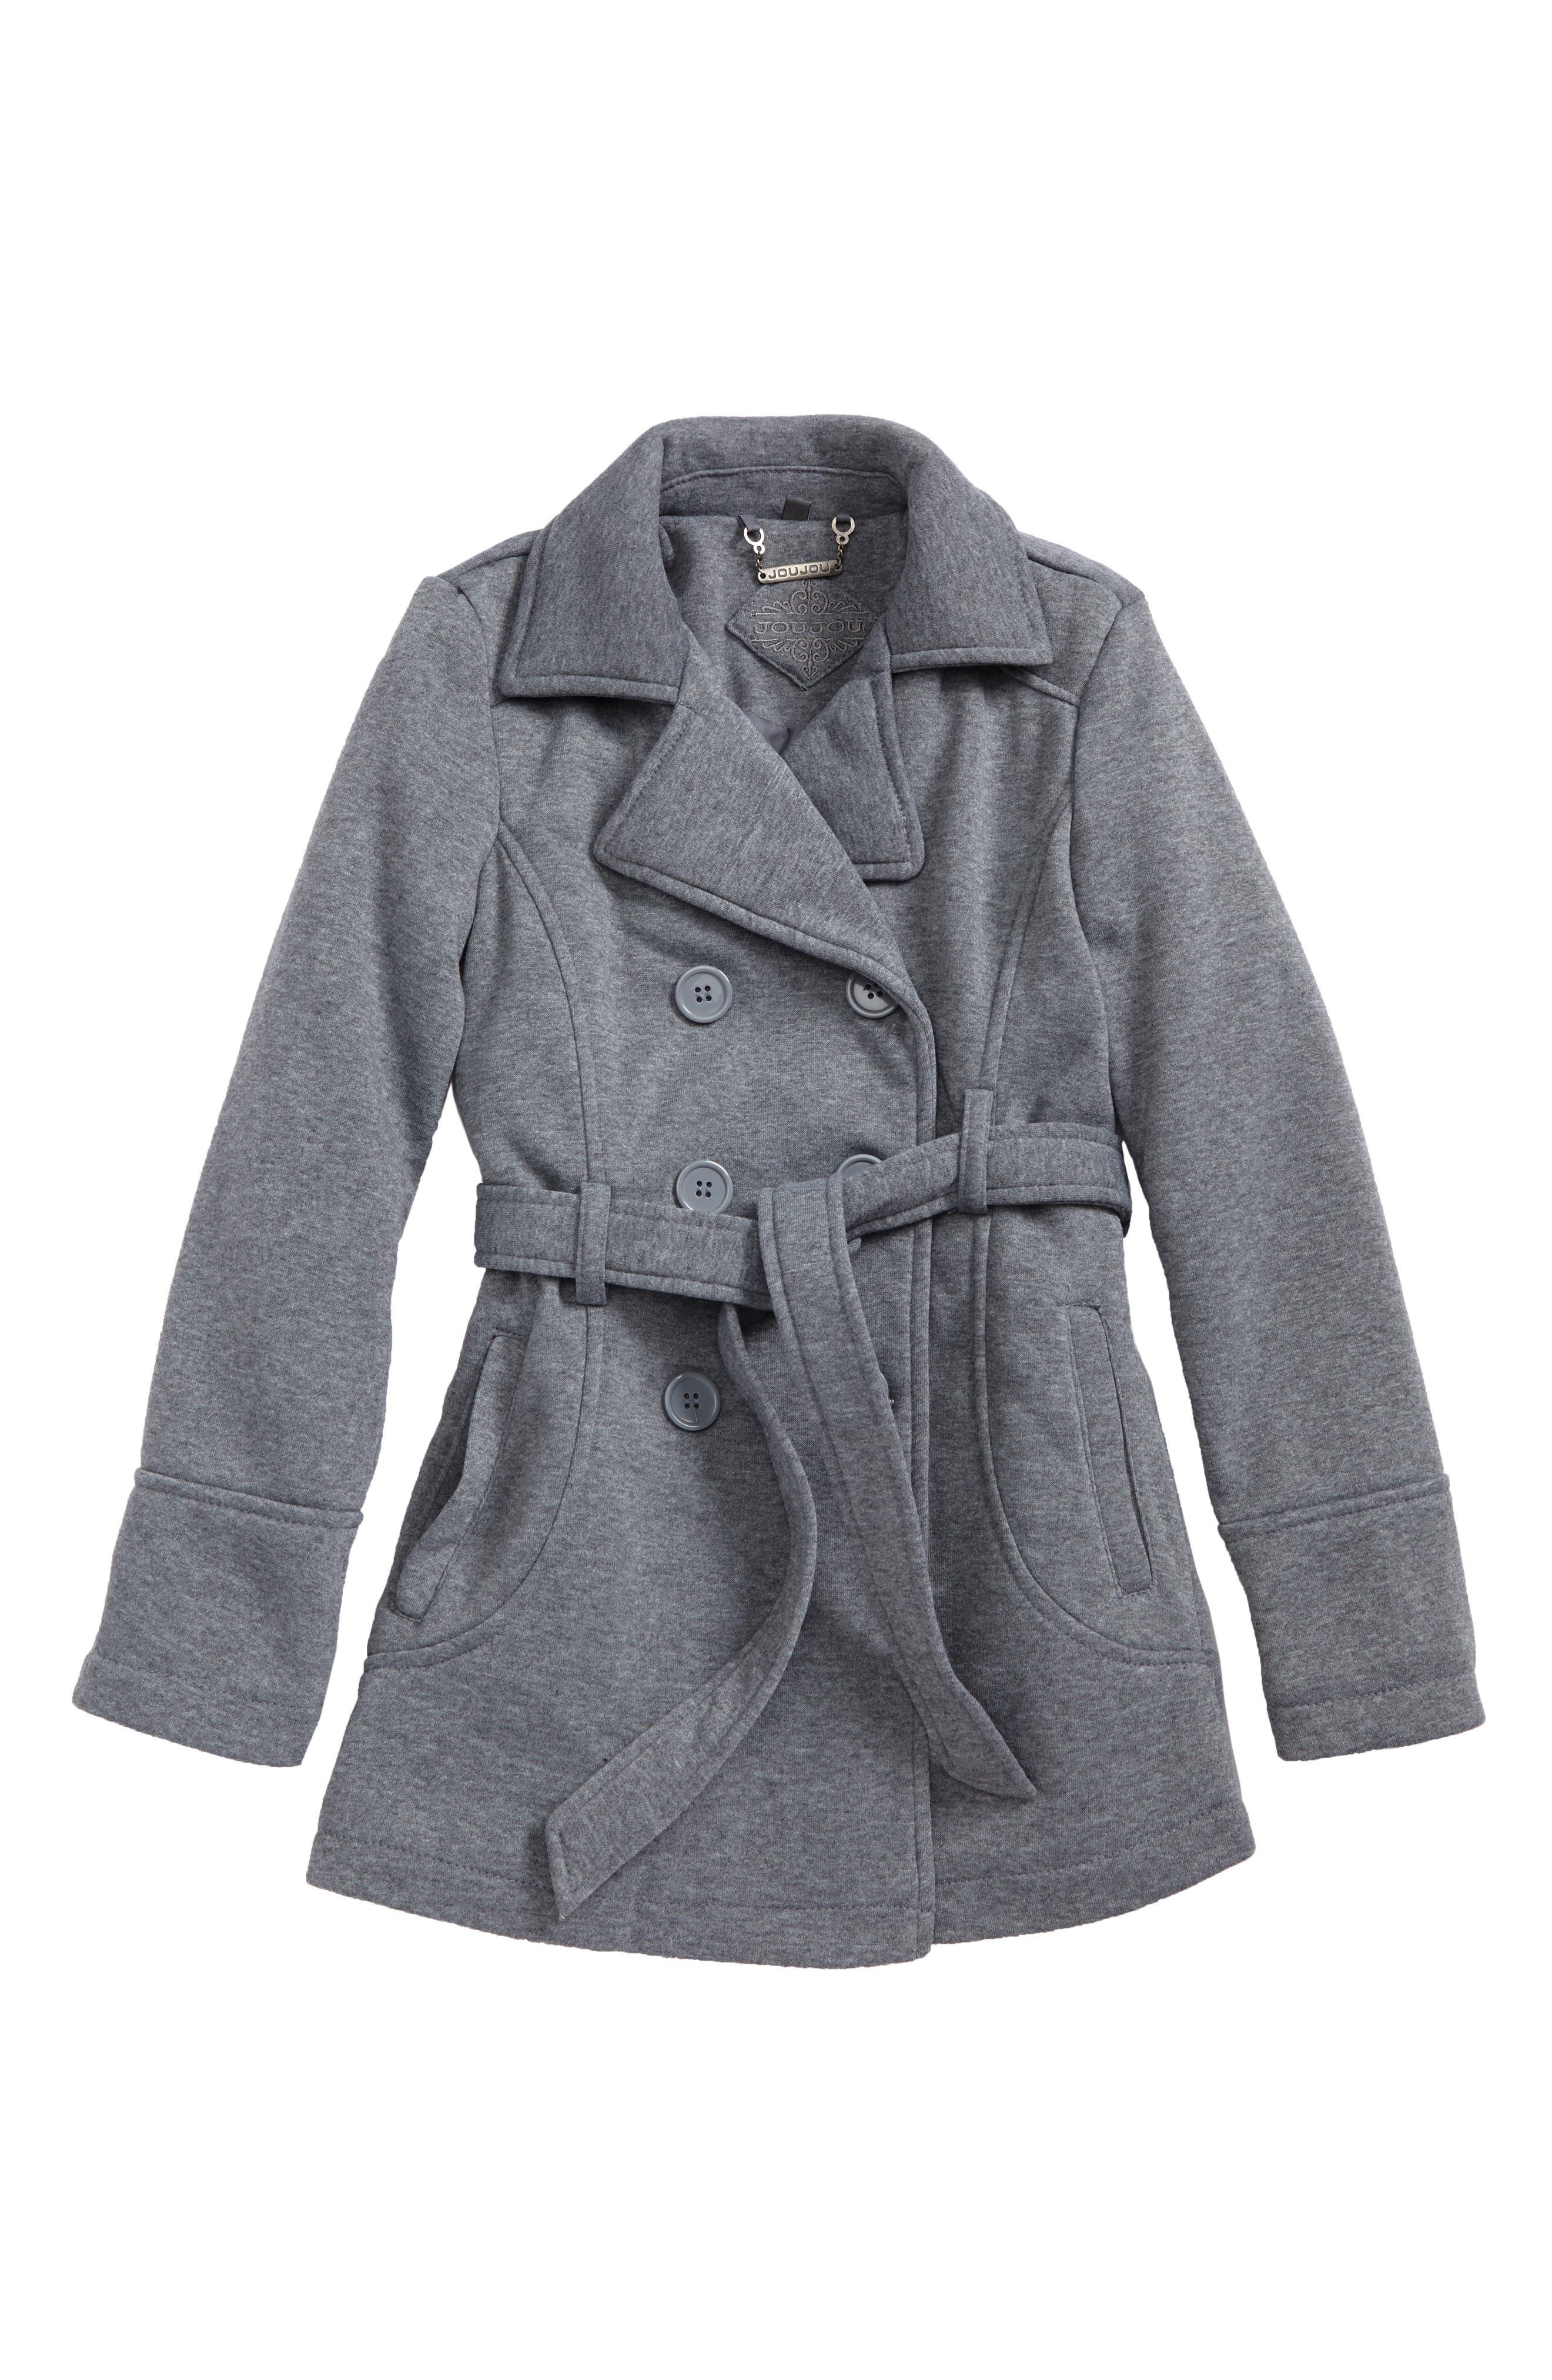 Main Image - Jou Jou Double-Breasted Coat (Big Girls)